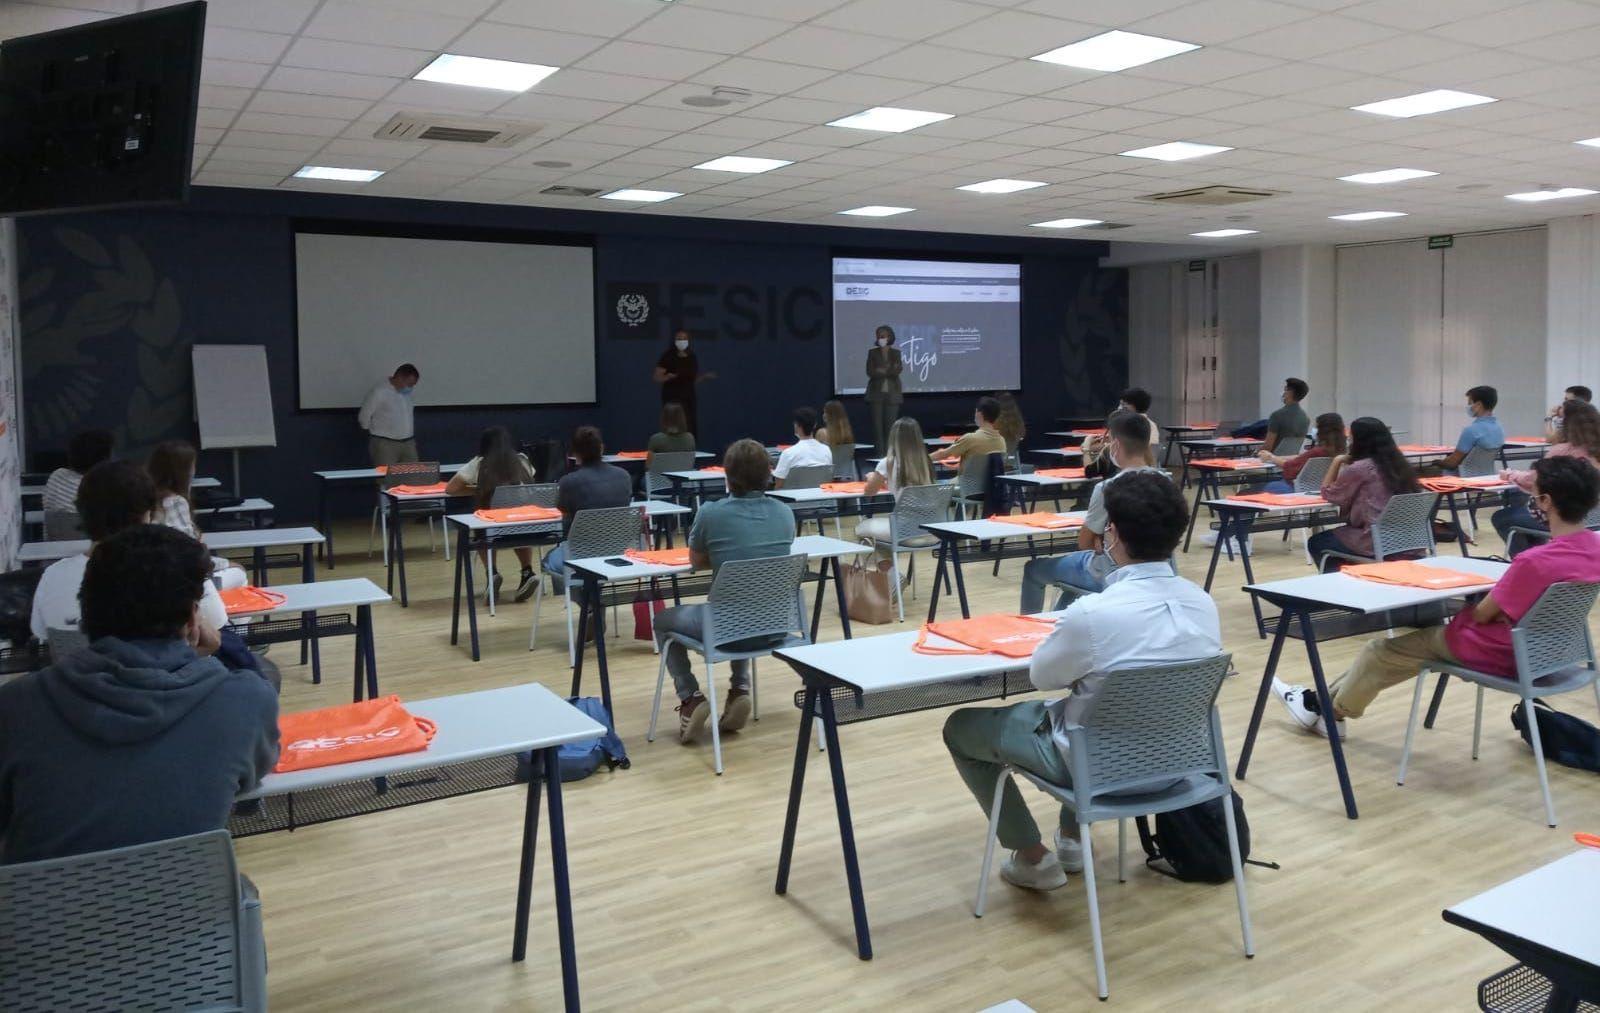 Fotografia Clase inicio de curso en área universitaria